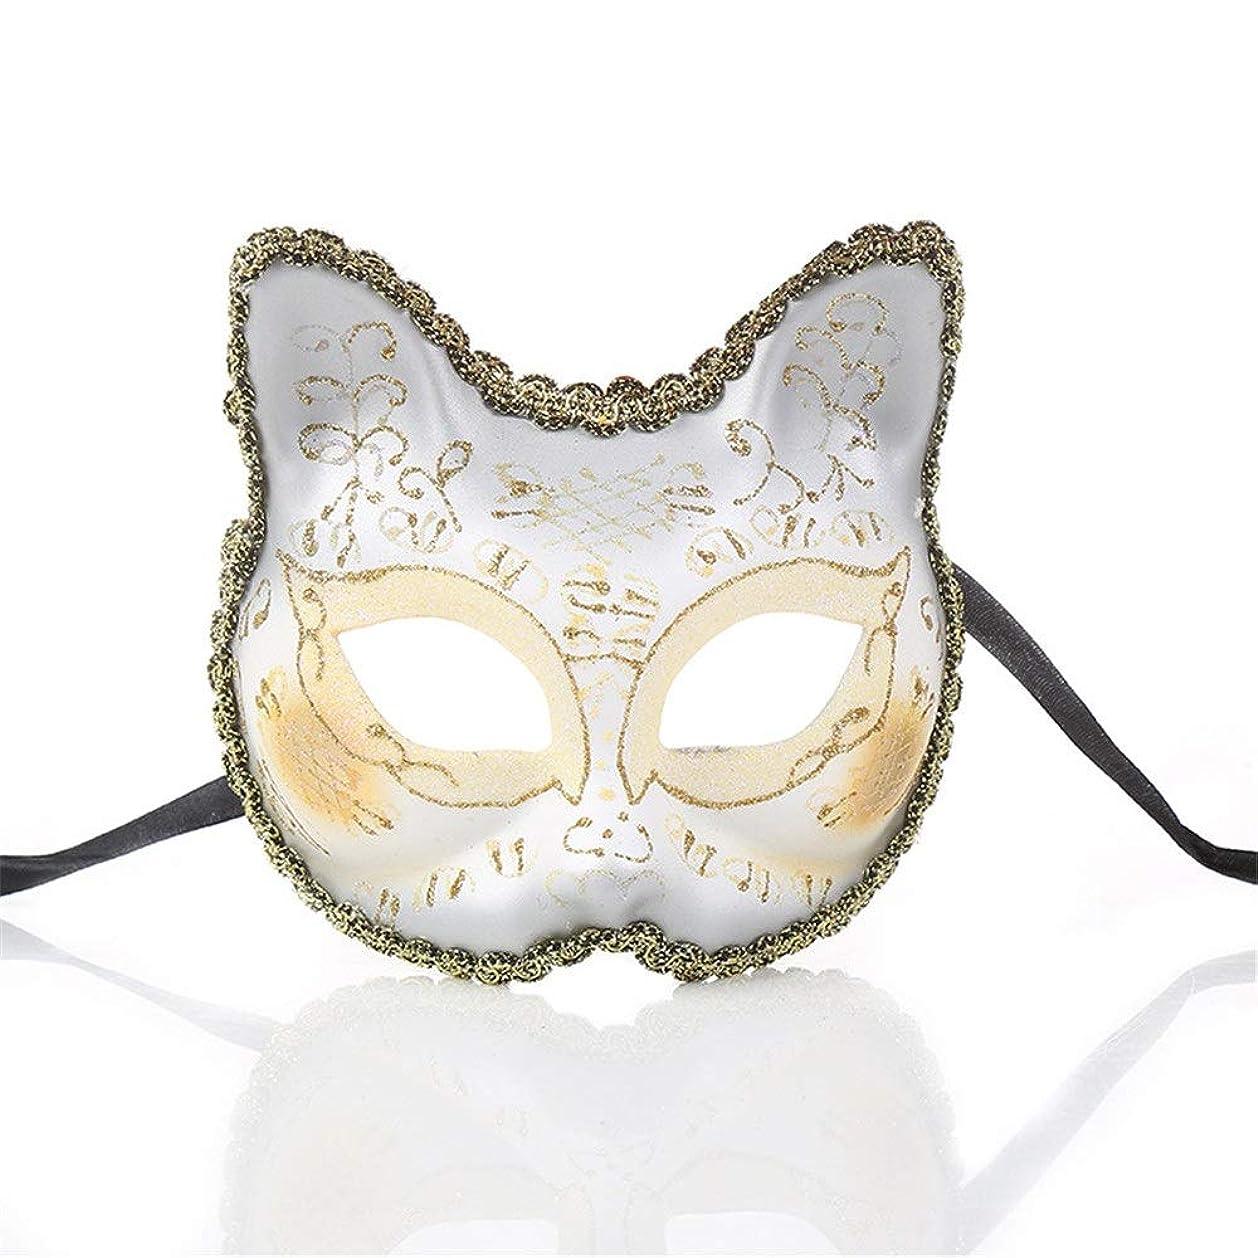 作詞家作業ウッズダンスマスク ワイルドマスカレードロールプレイングパーティーの小道具ナイトクラブのマスクの雰囲気クリスマスフェスティバルロールプレイングプラスチックマスク ホリデーパーティー用品 (色 : 白, サイズ : 13x13cm)